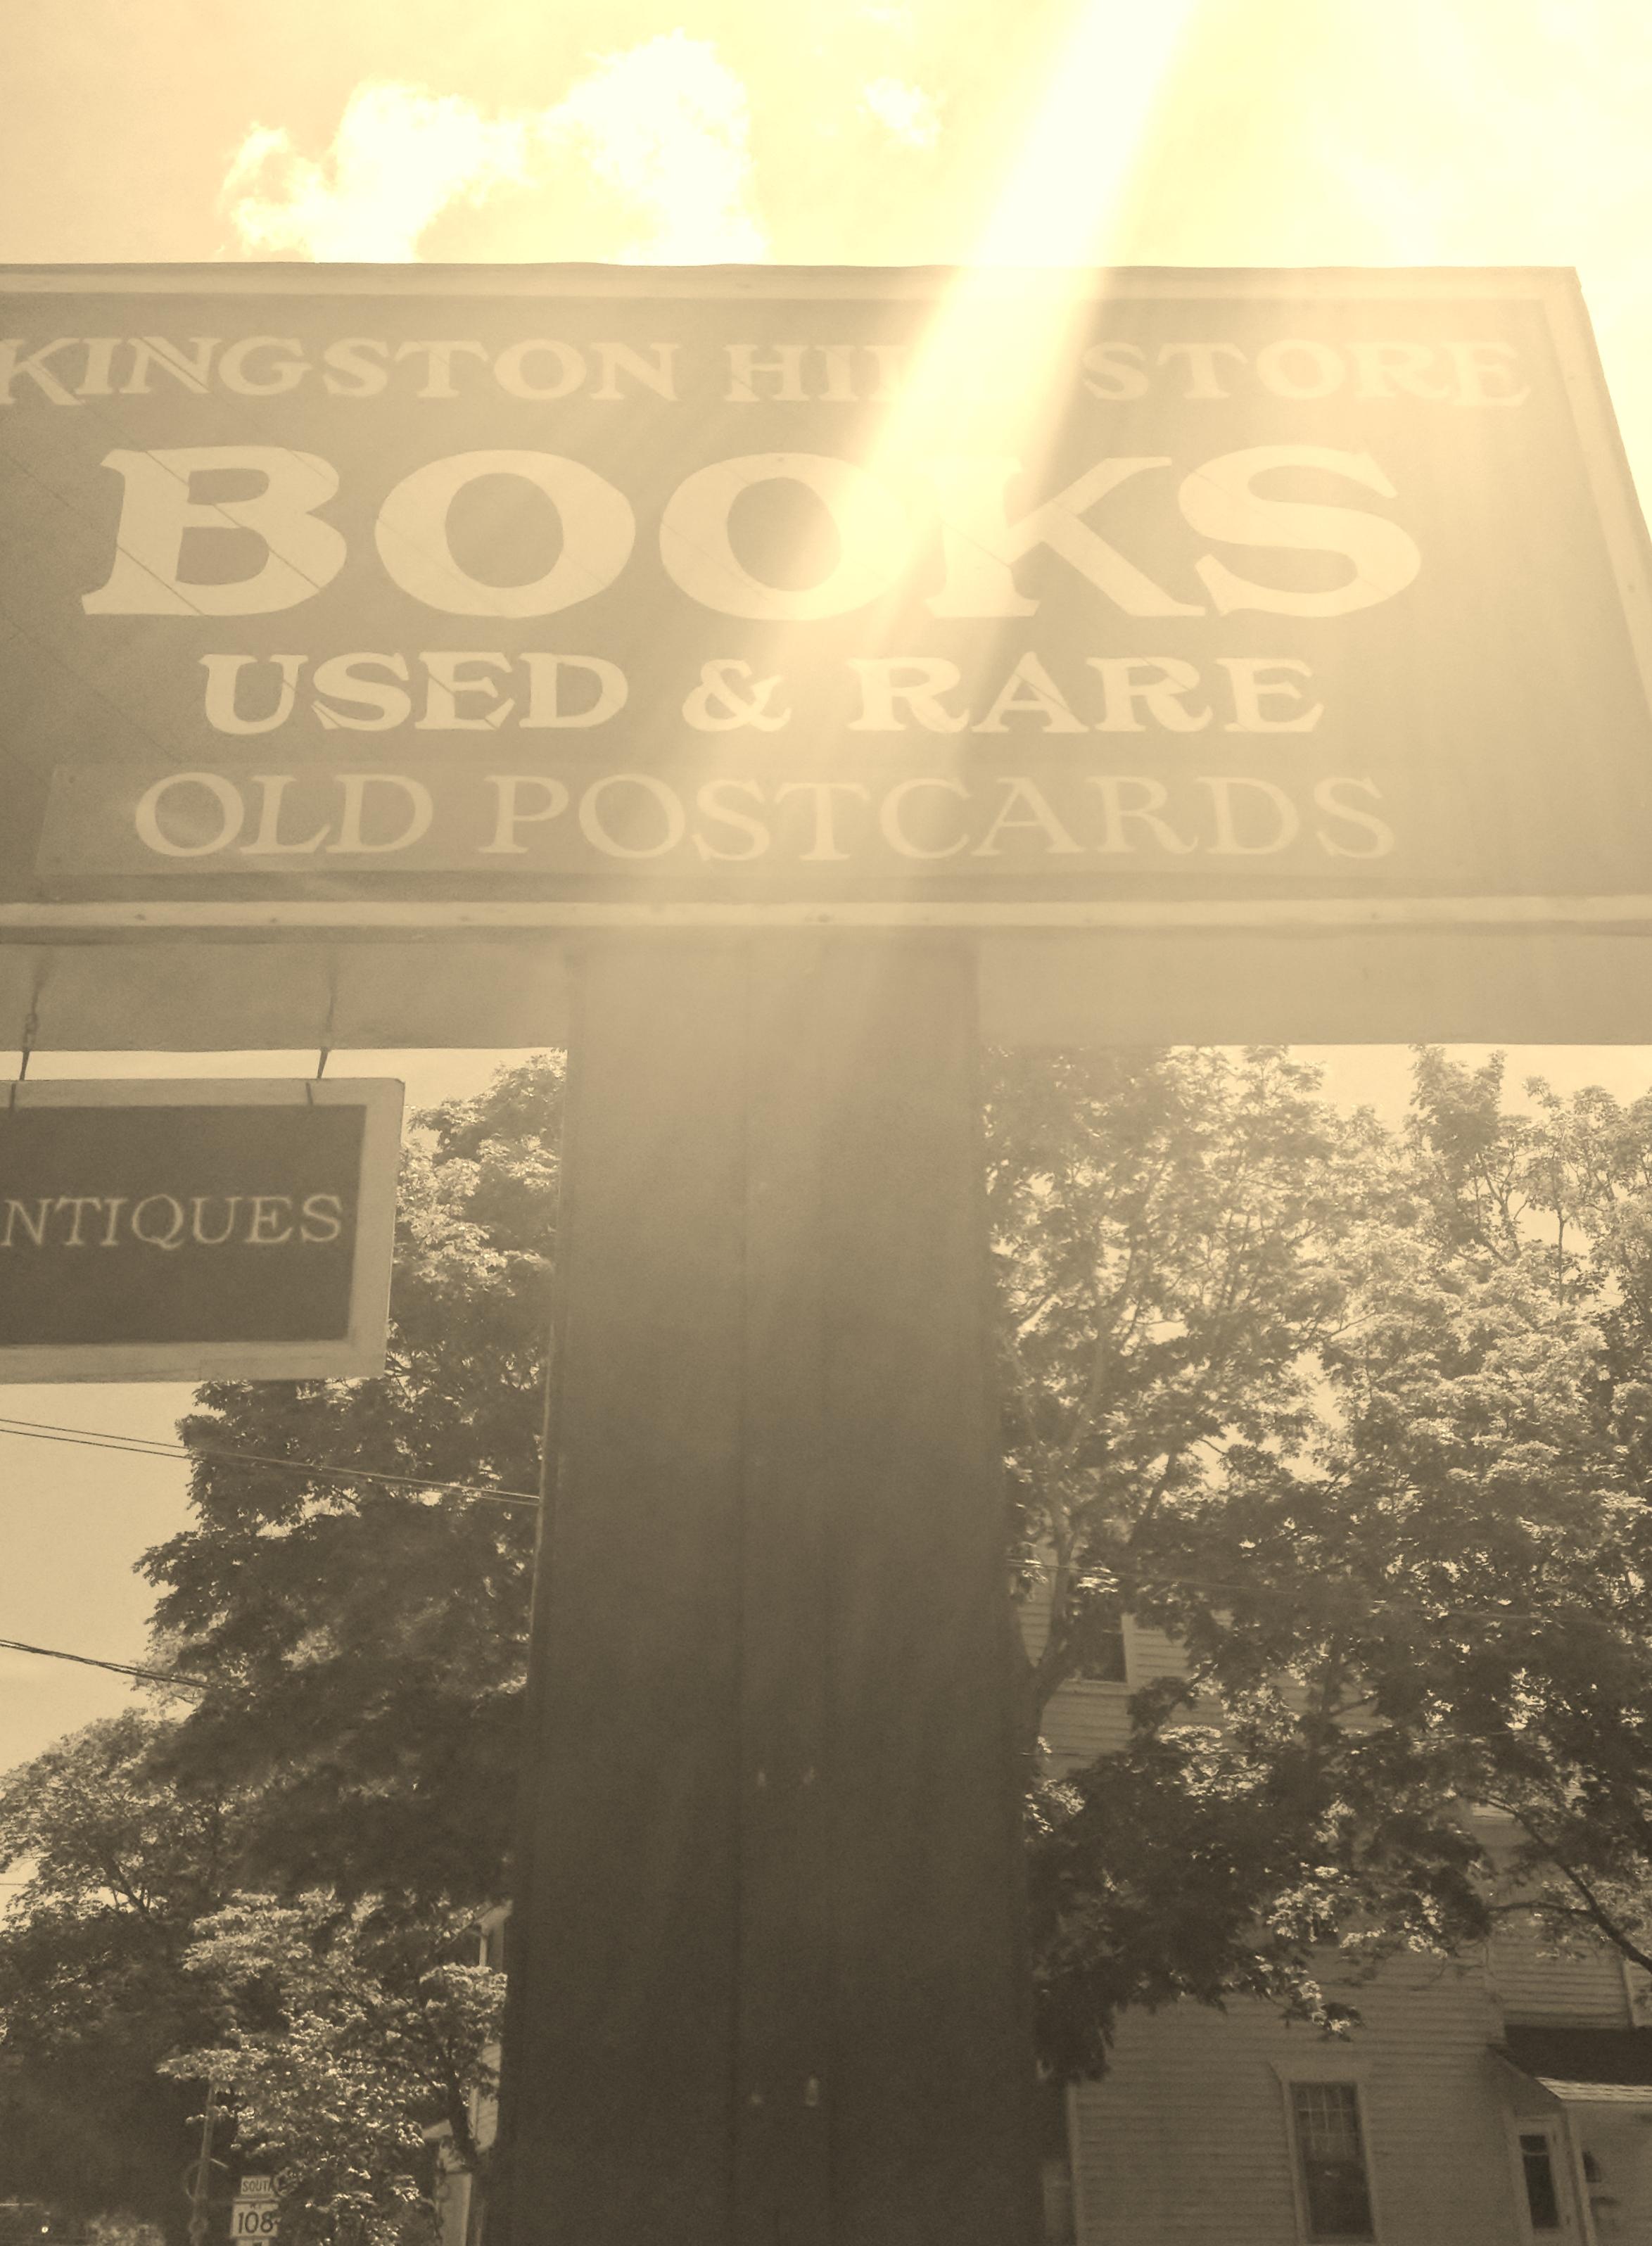 Kingston-Hill-Store-sign.jpg